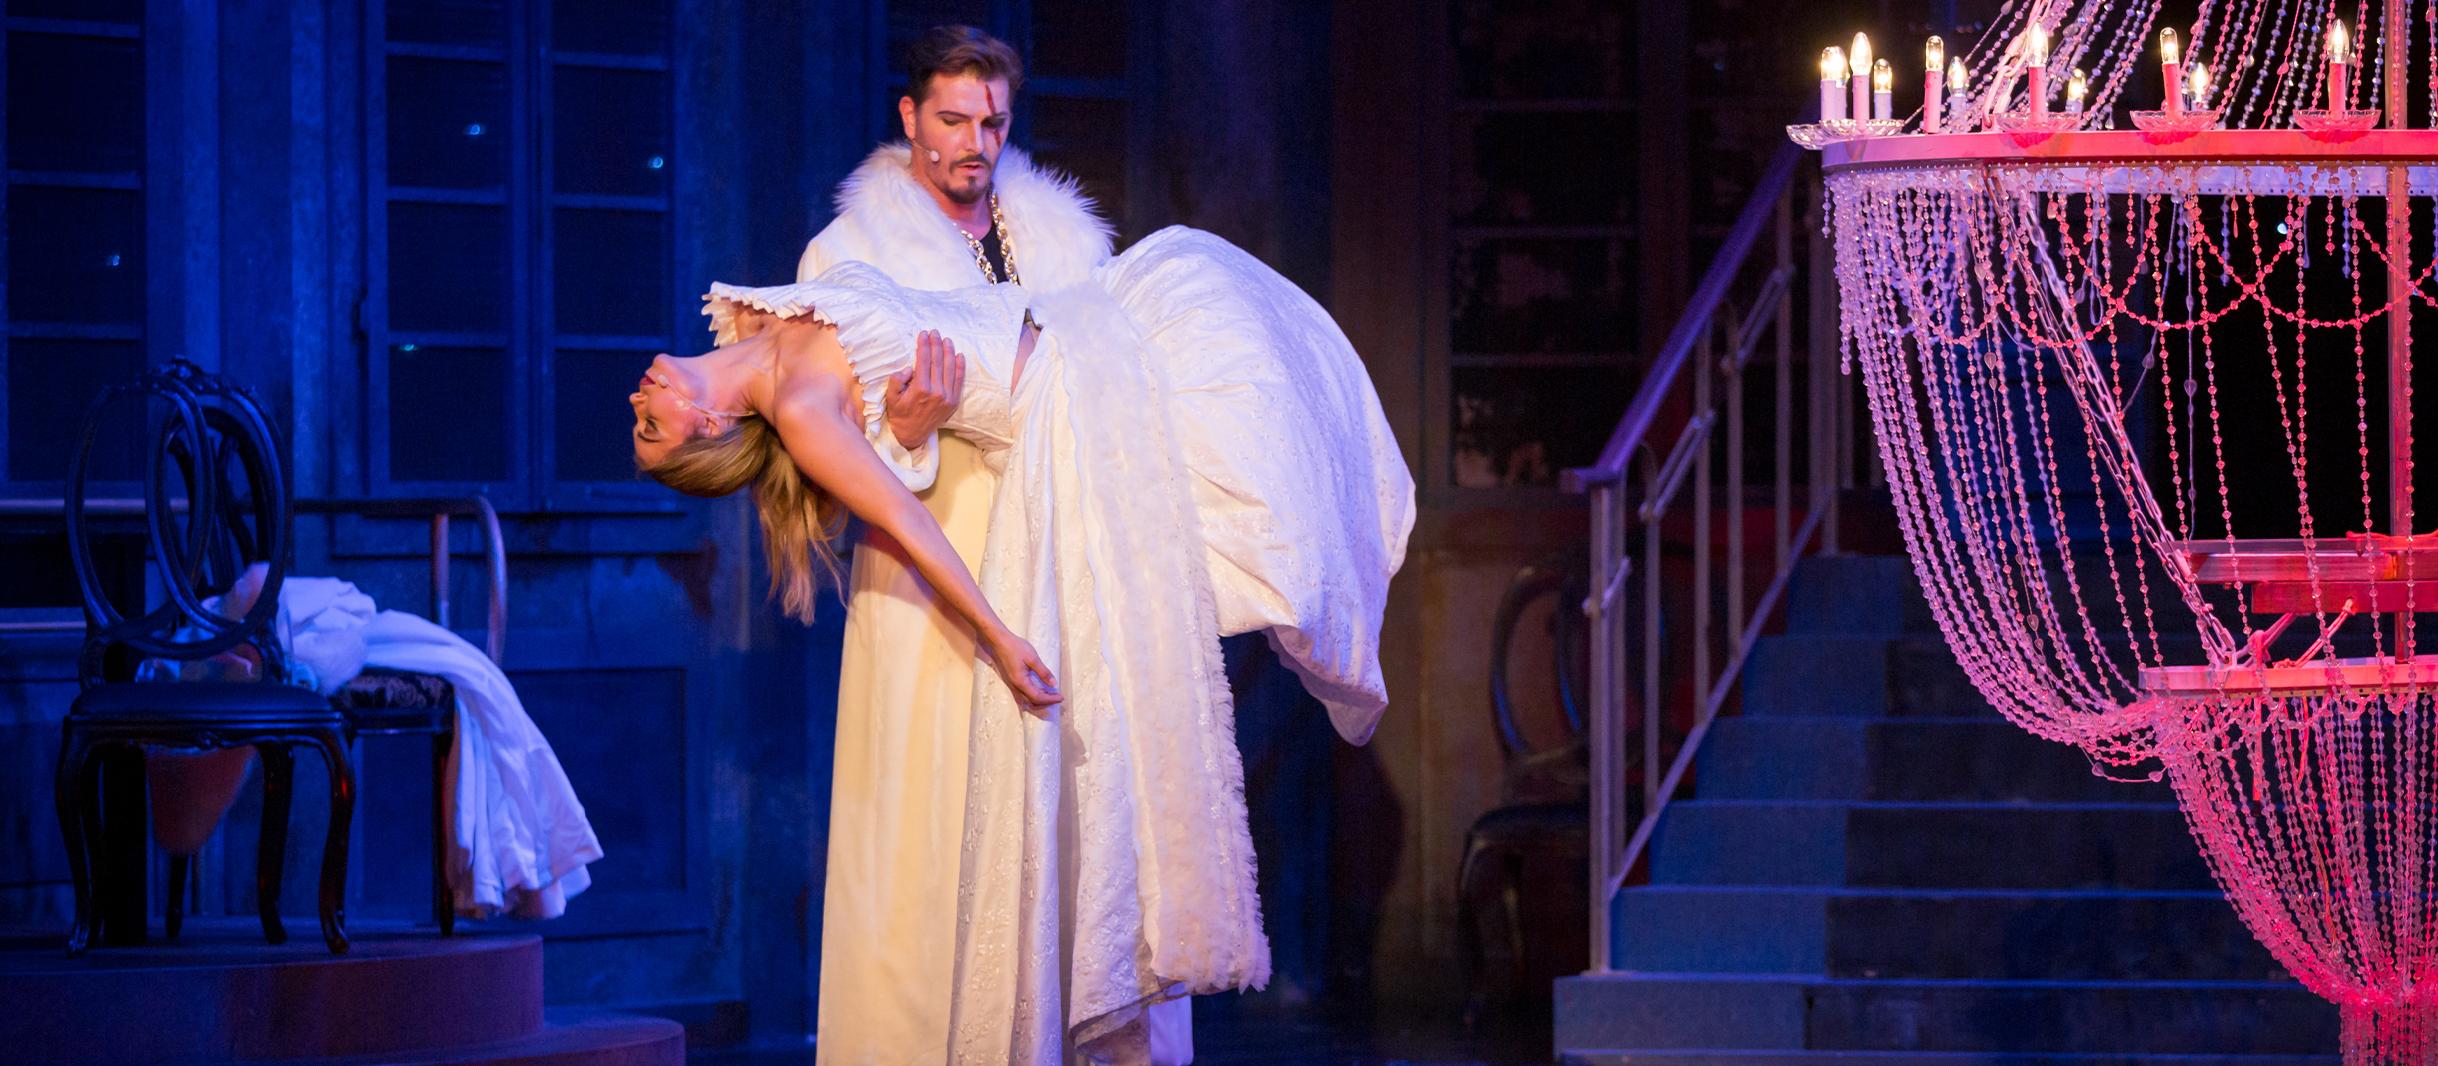 Ein Mann in einem weißen Mantel trägt eine Frau in weißem Kleid.